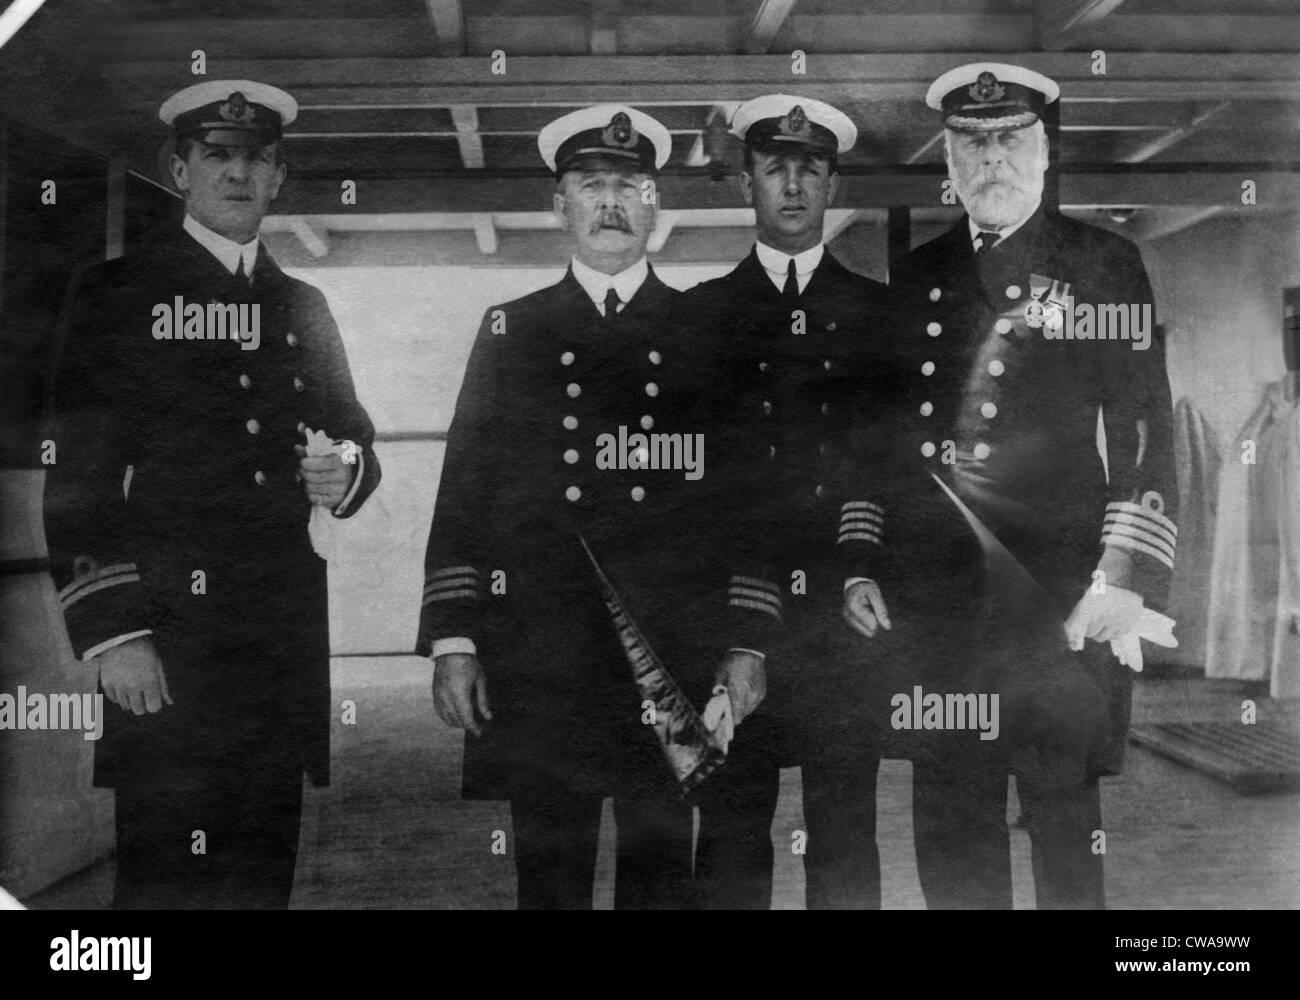 Kapitän Edward Smith (rechts), der RMS Titanic, die nach der Kollision mit eines Eisbergs 1912 sank. Höflichkeit: Stockbild